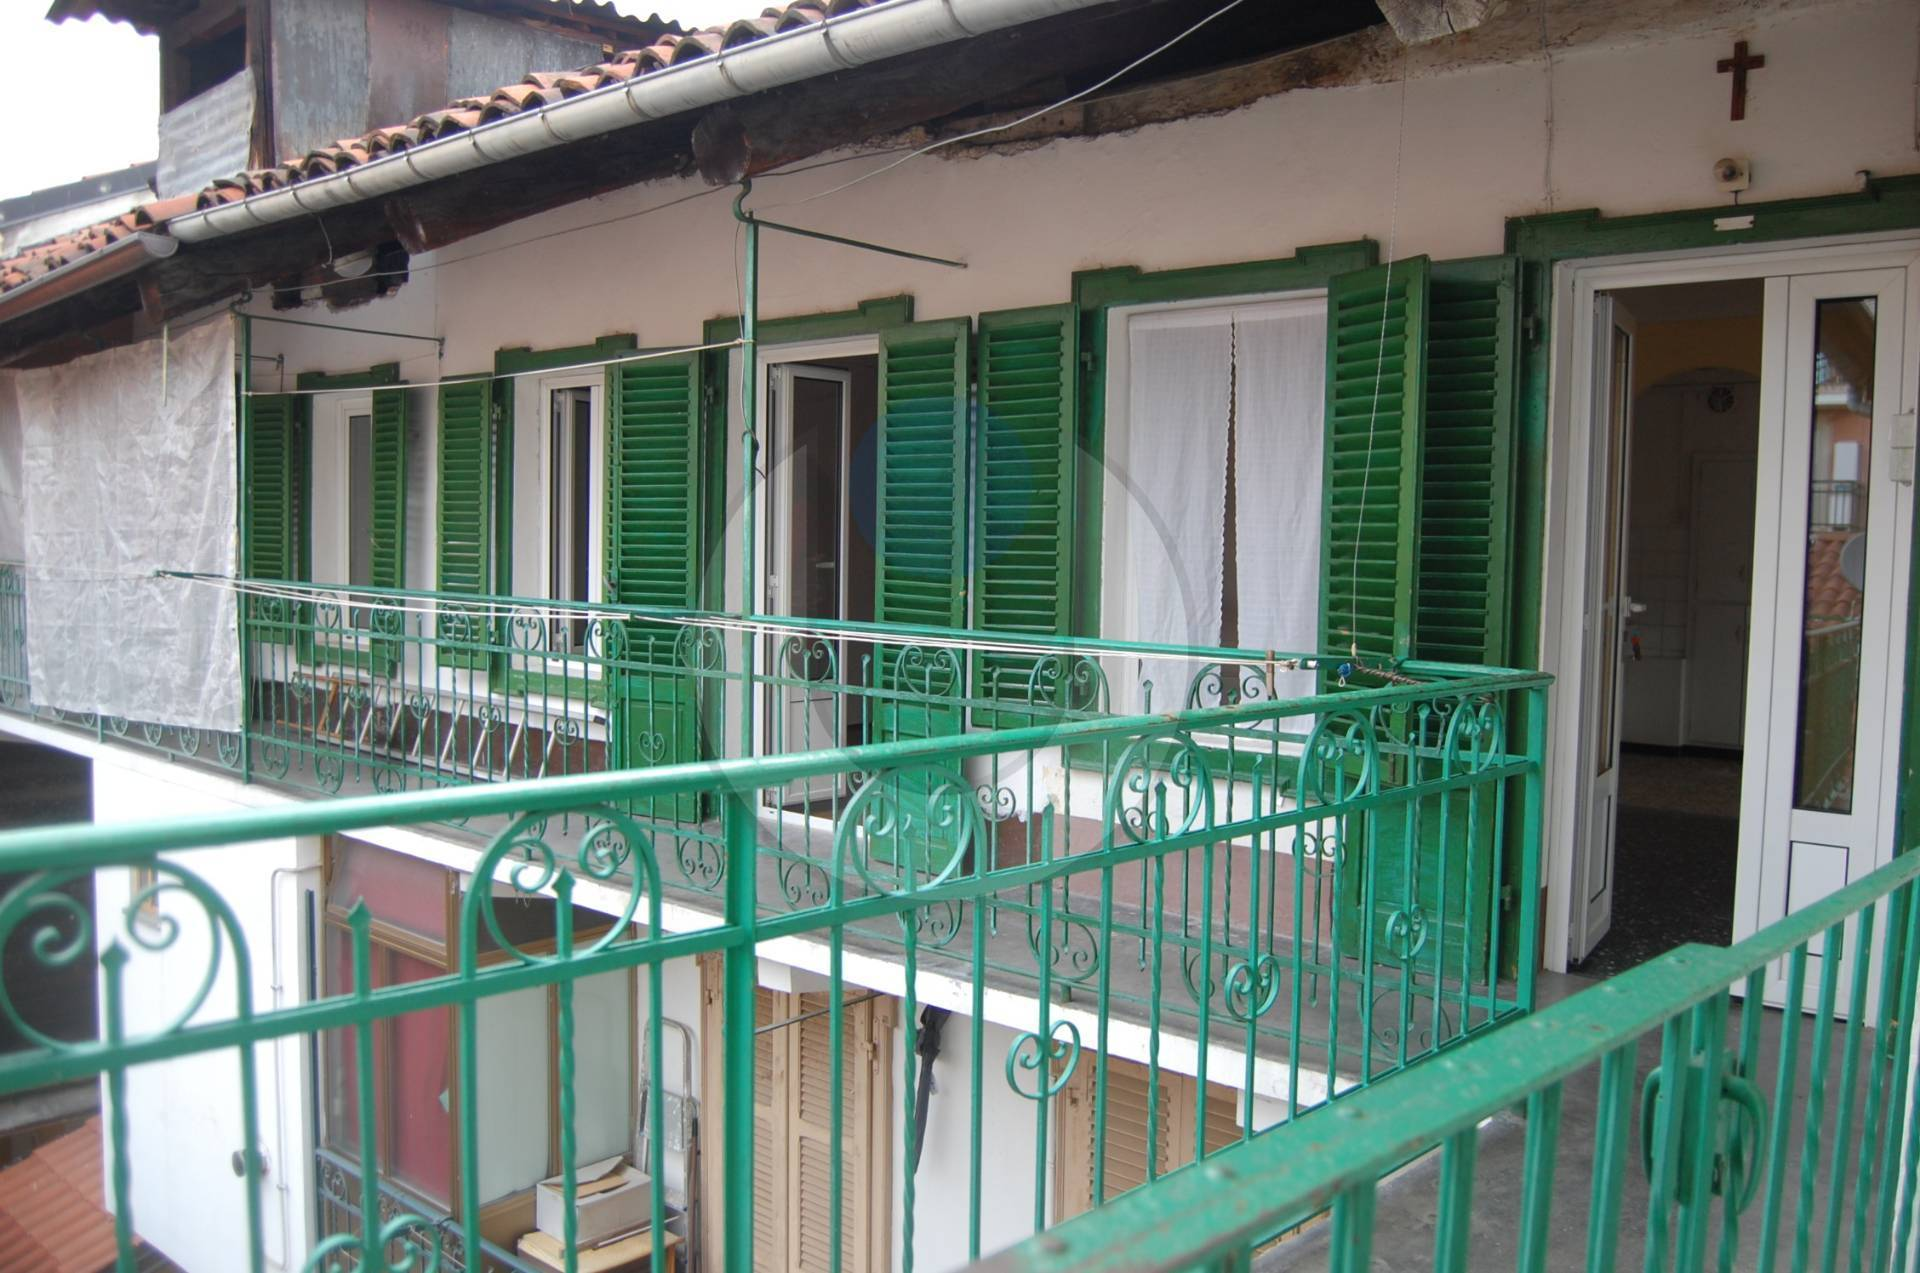 Appartamento in vendita a Giaveno, 4 locali, zona Località: Centro, prezzo € 33.000 | PortaleAgenzieImmobiliari.it